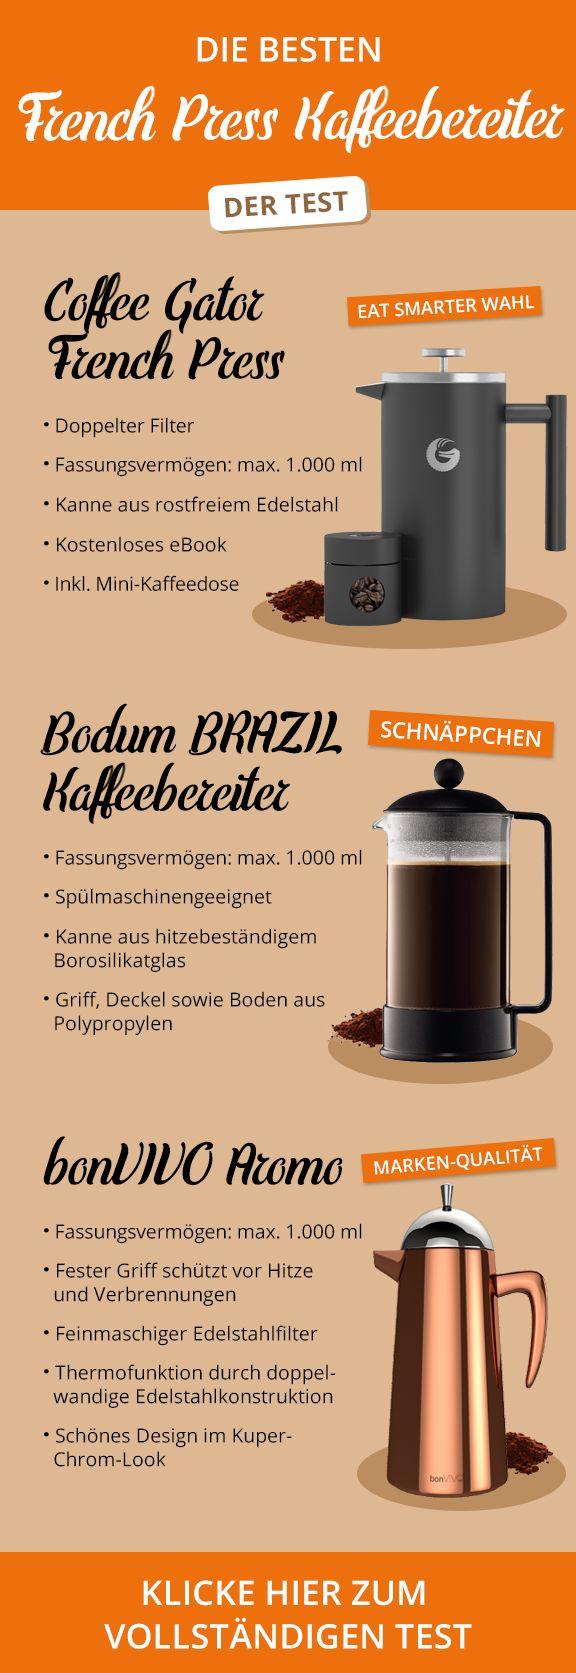 Die besten French Press Kaffeebereiter im Test | eatsmarter.de